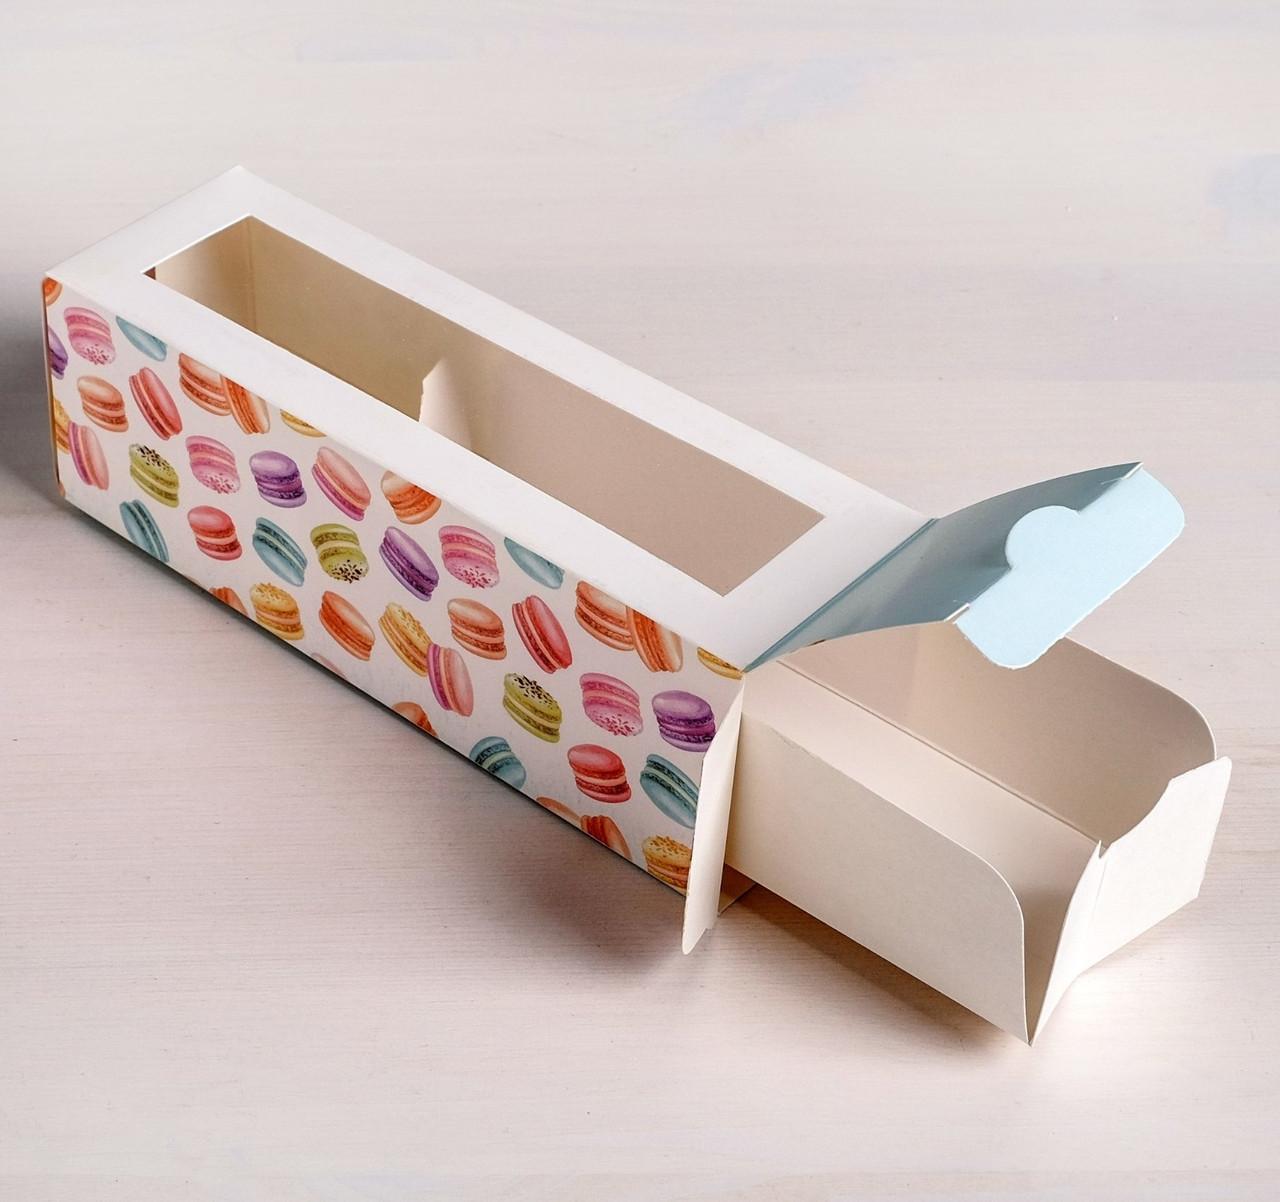 Коробка складная Make life sweet 18 х 5,5 х 5,5 см - фото 2